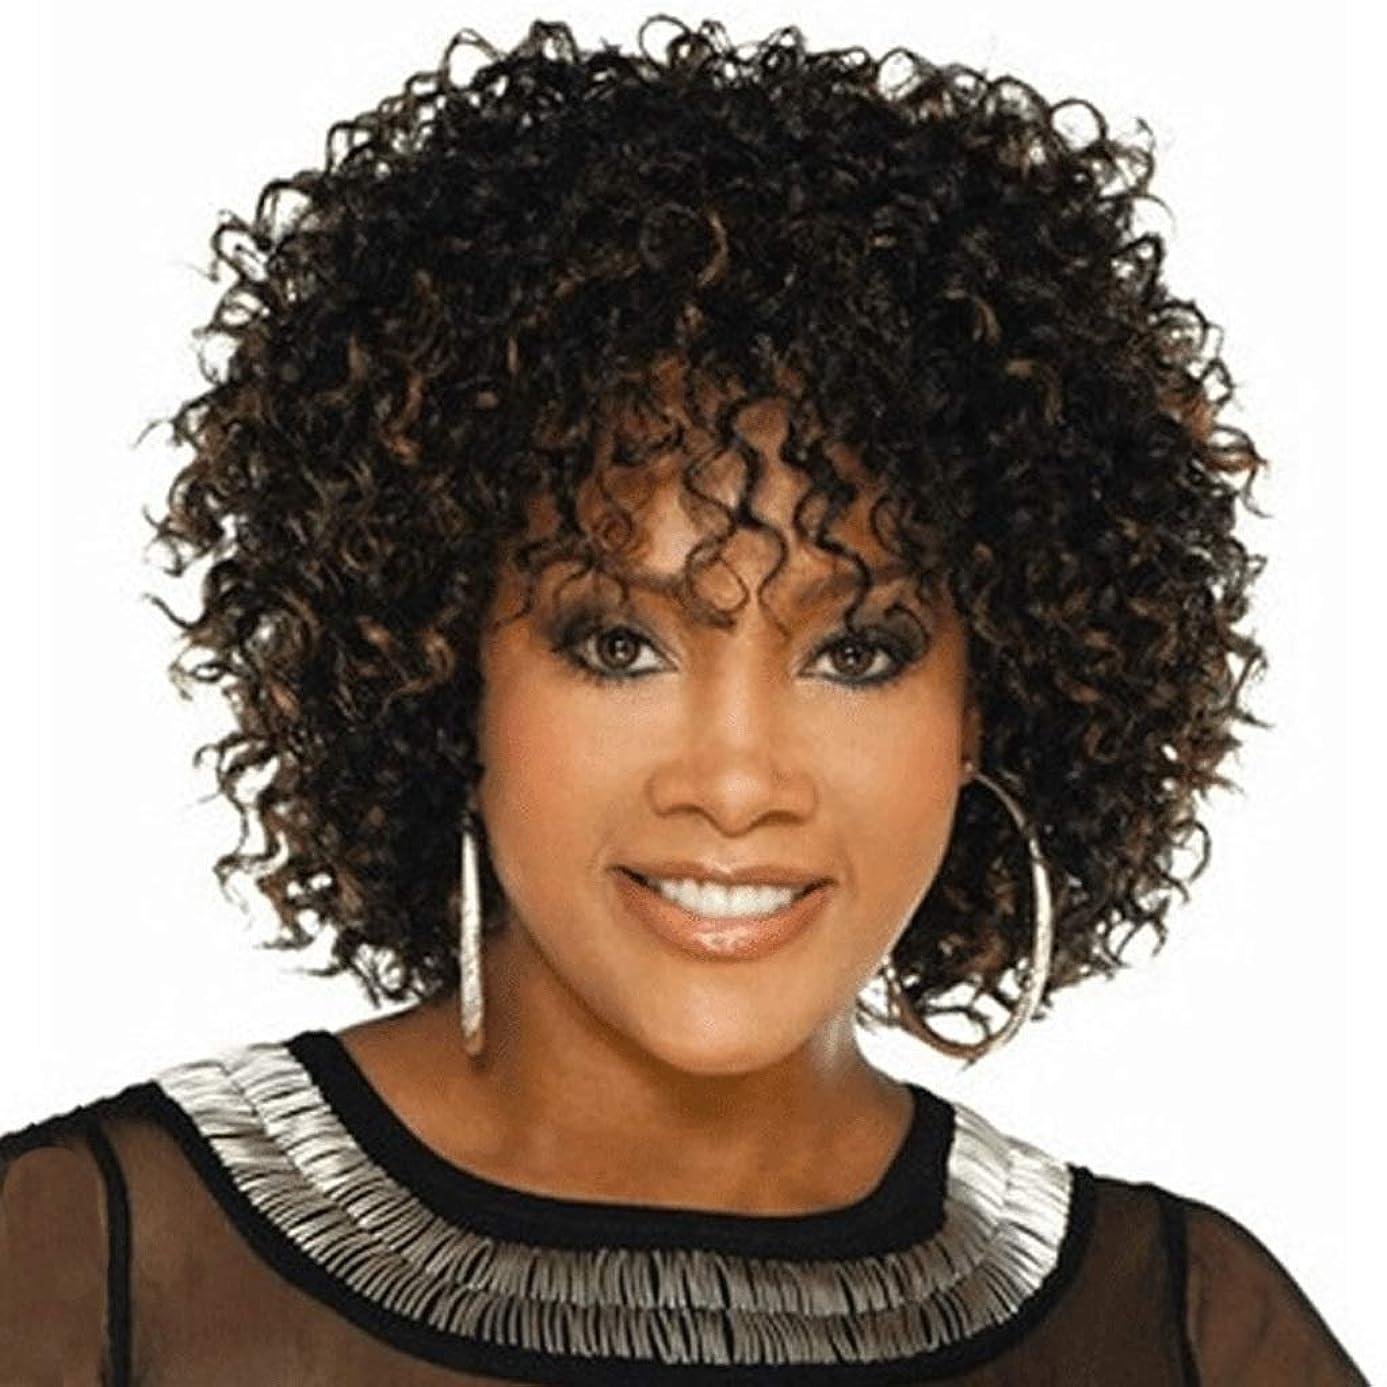 霧深い生じるタイル黒人女性、髪アフロ変態カーリーナチュラルブラックヘアウィッグ100%耐熱繊維用ショートカーリーウィッグ (色 : ブラック)